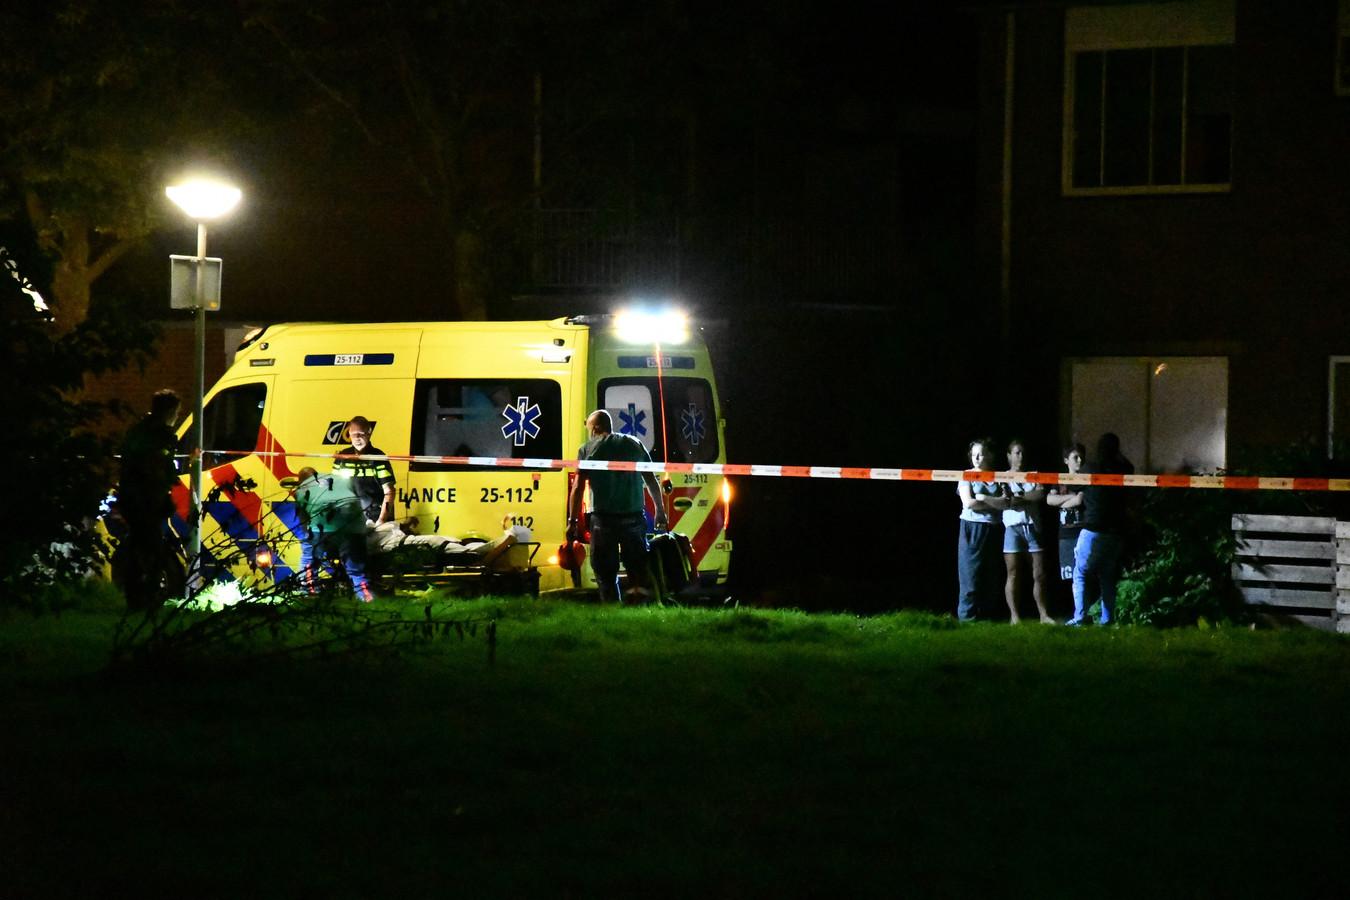 De ambulance werd opgeroepen om de neergeschoten verdachte te behandelen.